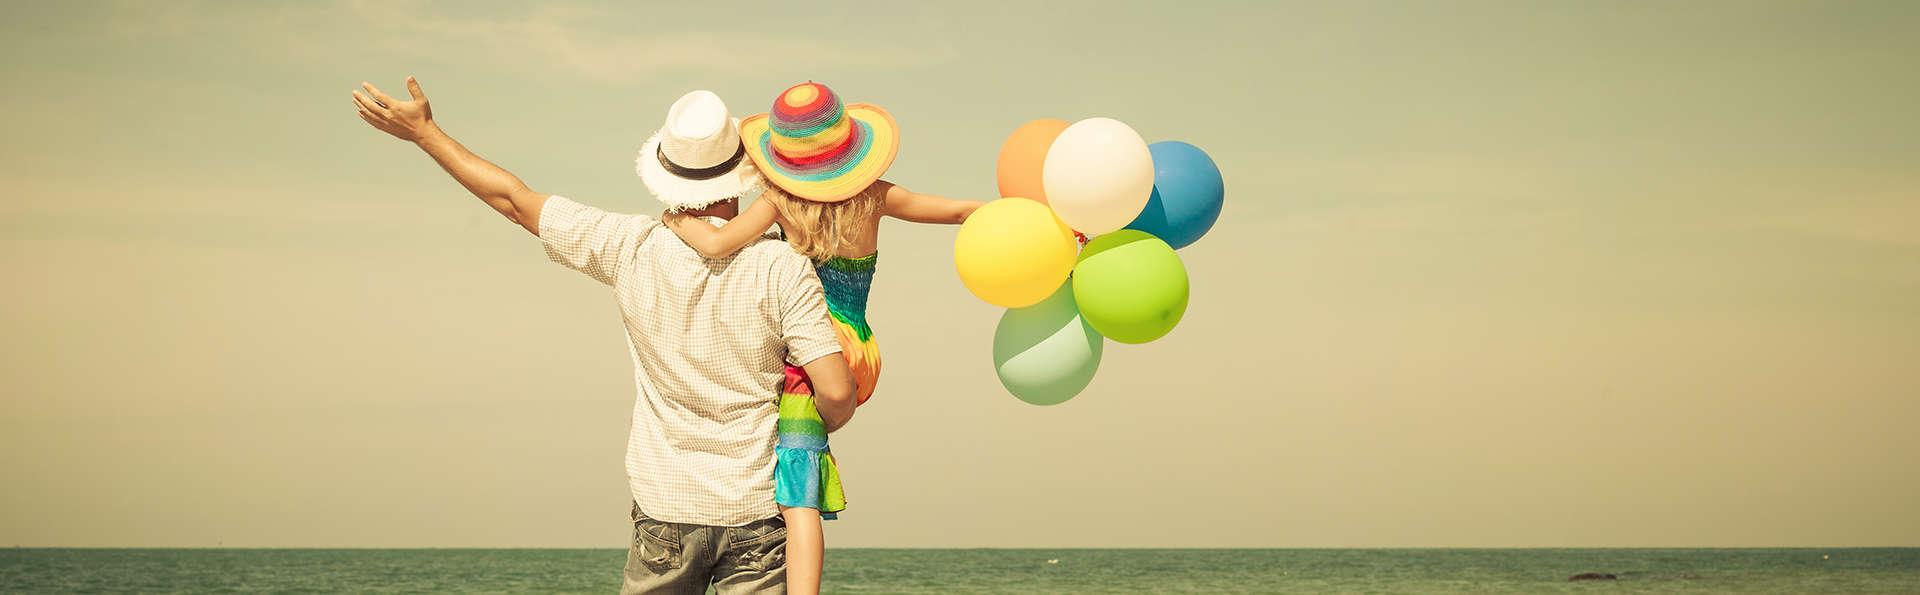 Découvrez Cala de Mijas en famille avec un enfant gratuit